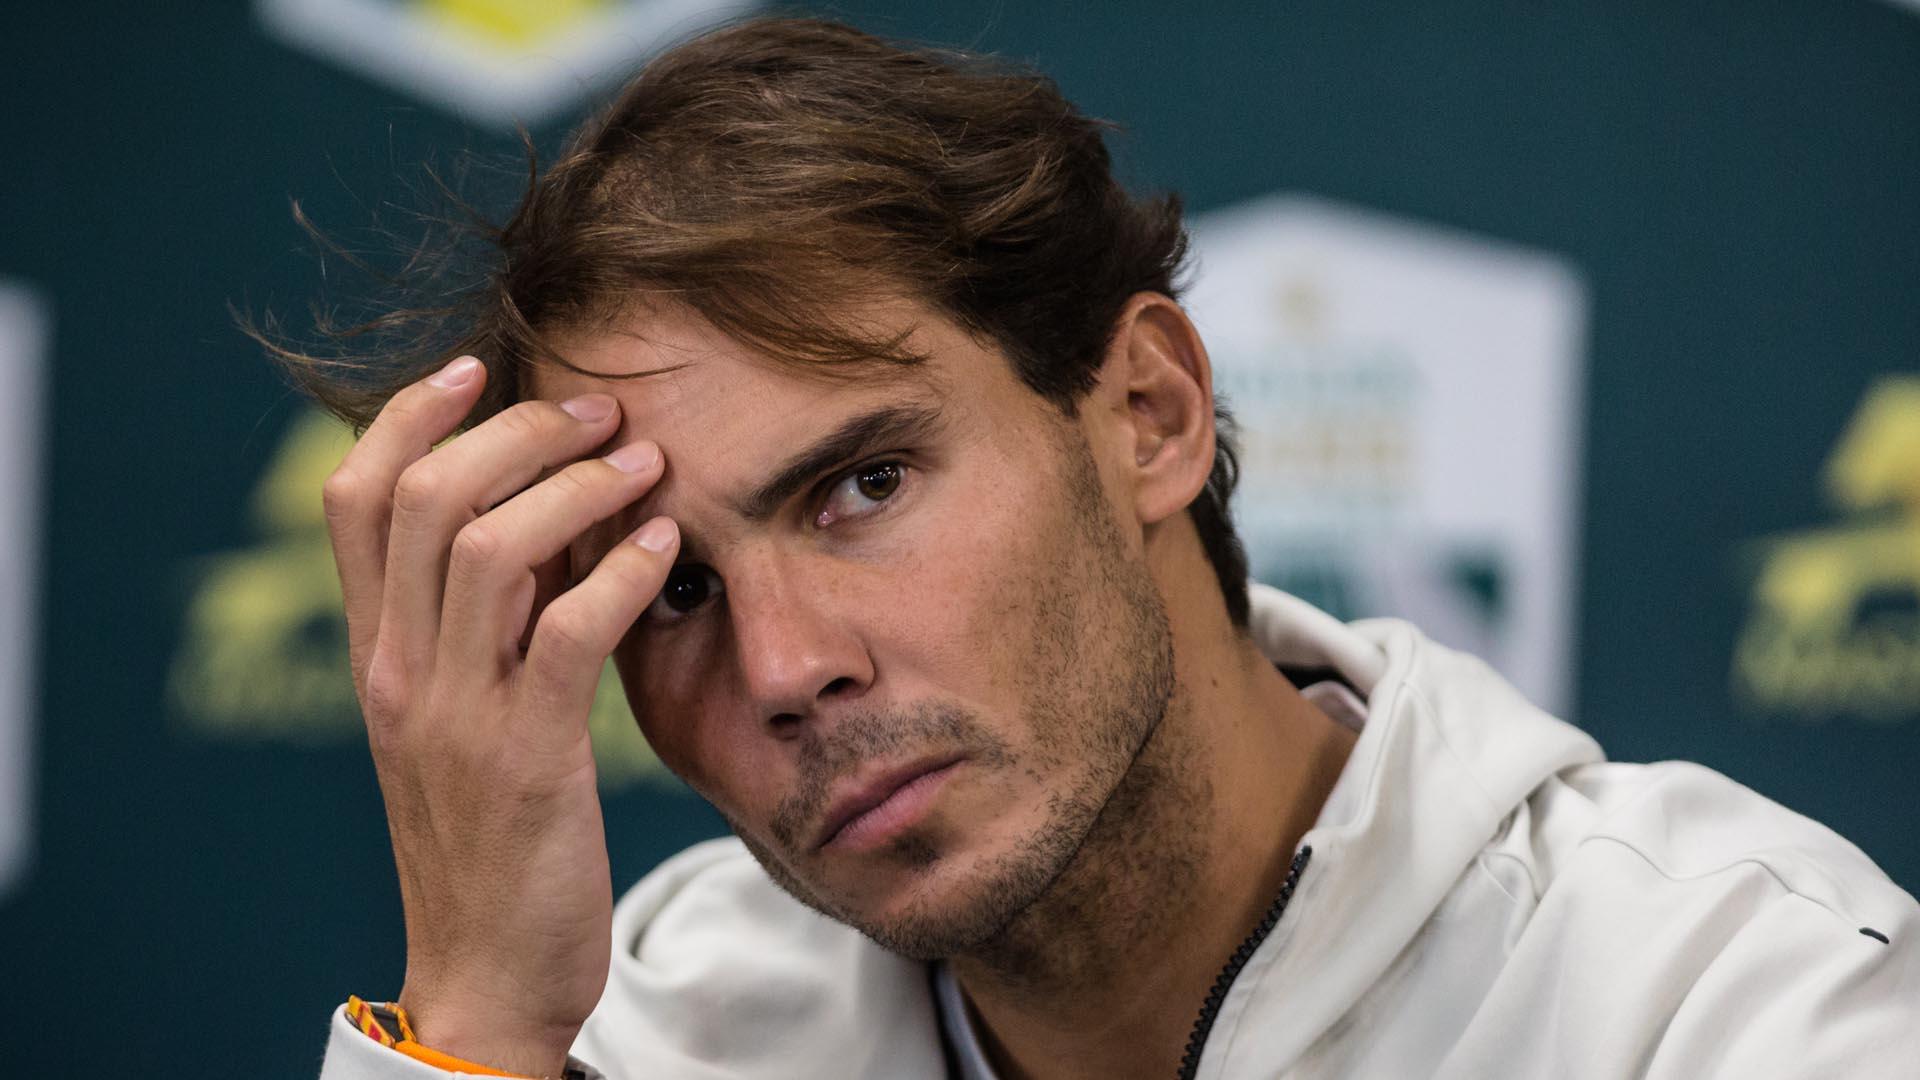 나달, ATP 파이널스 첫 경기서 츠베레프에 0-2 패배